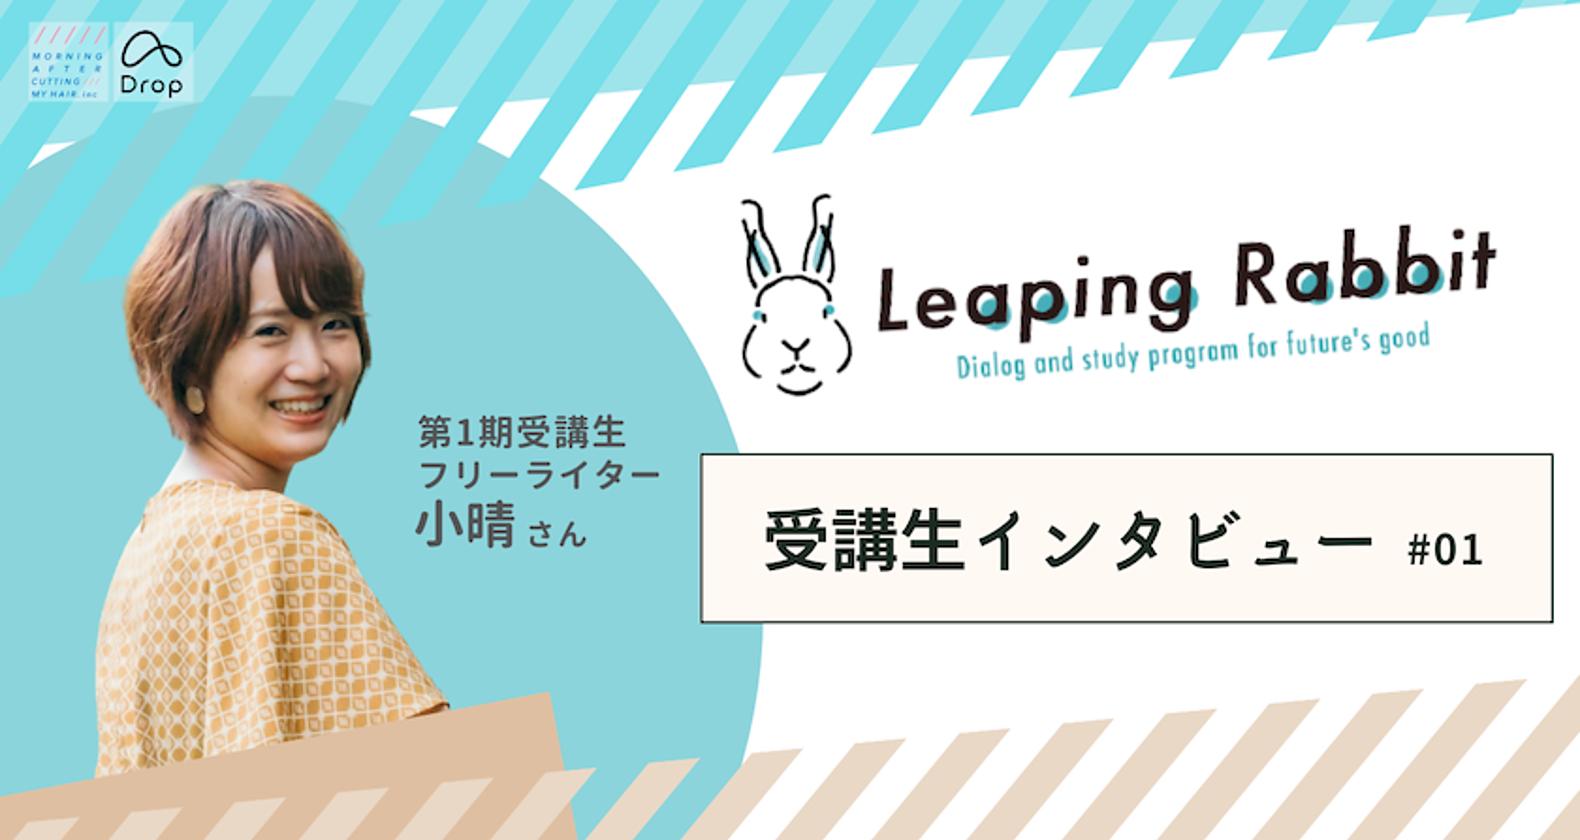 【Leaping Rabbit】受講生インタビュー フリーライター小晴さんの画像